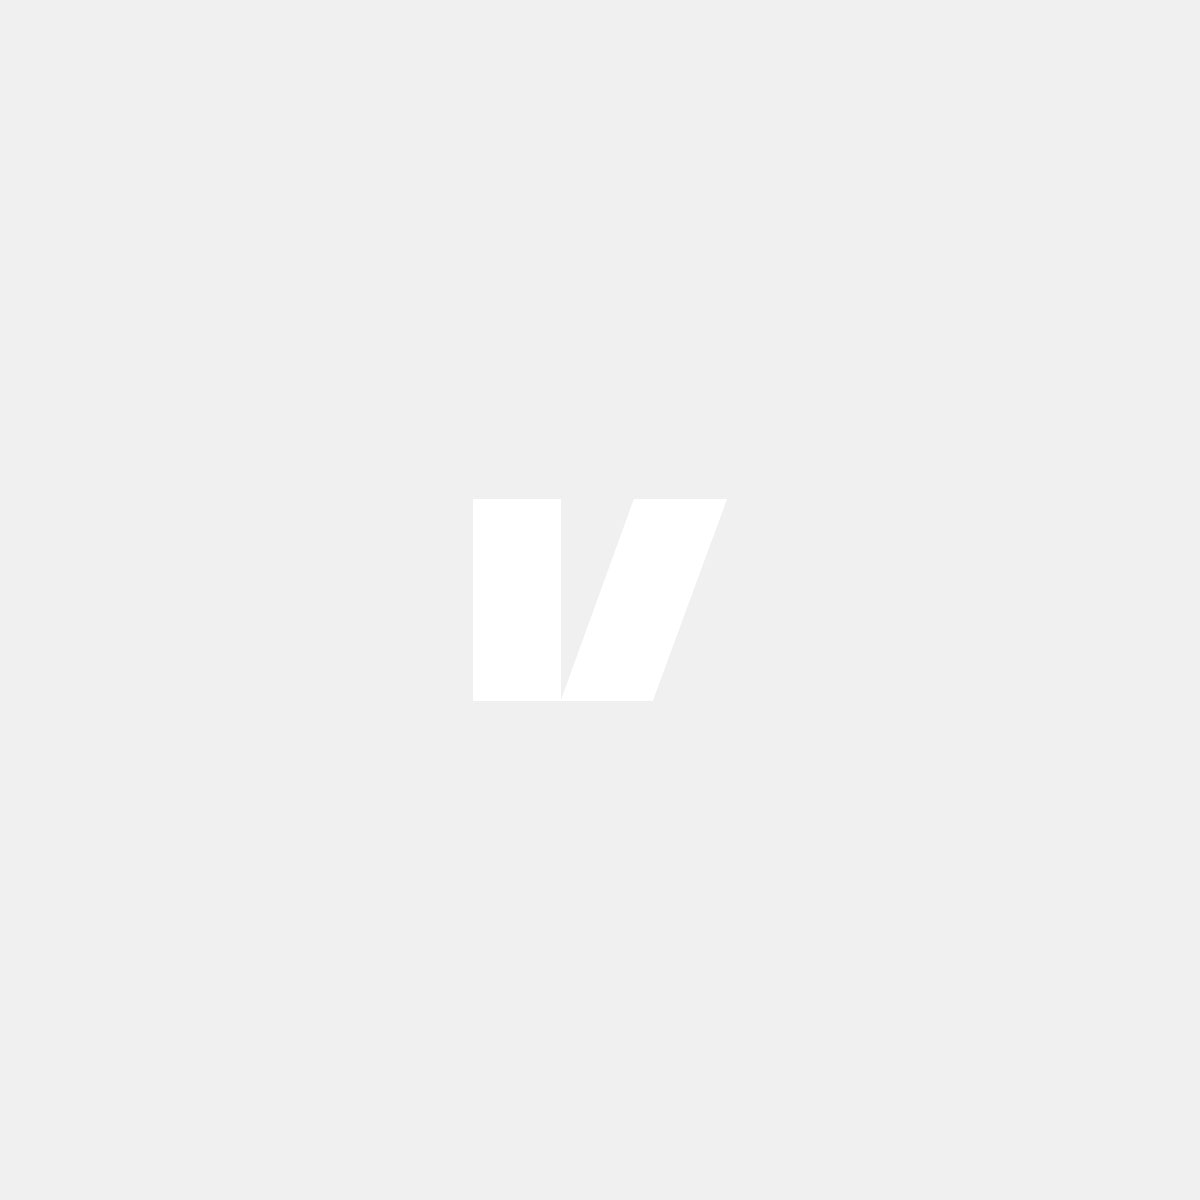 Sänkningssats Volvo V70 08-16, 55/40mm